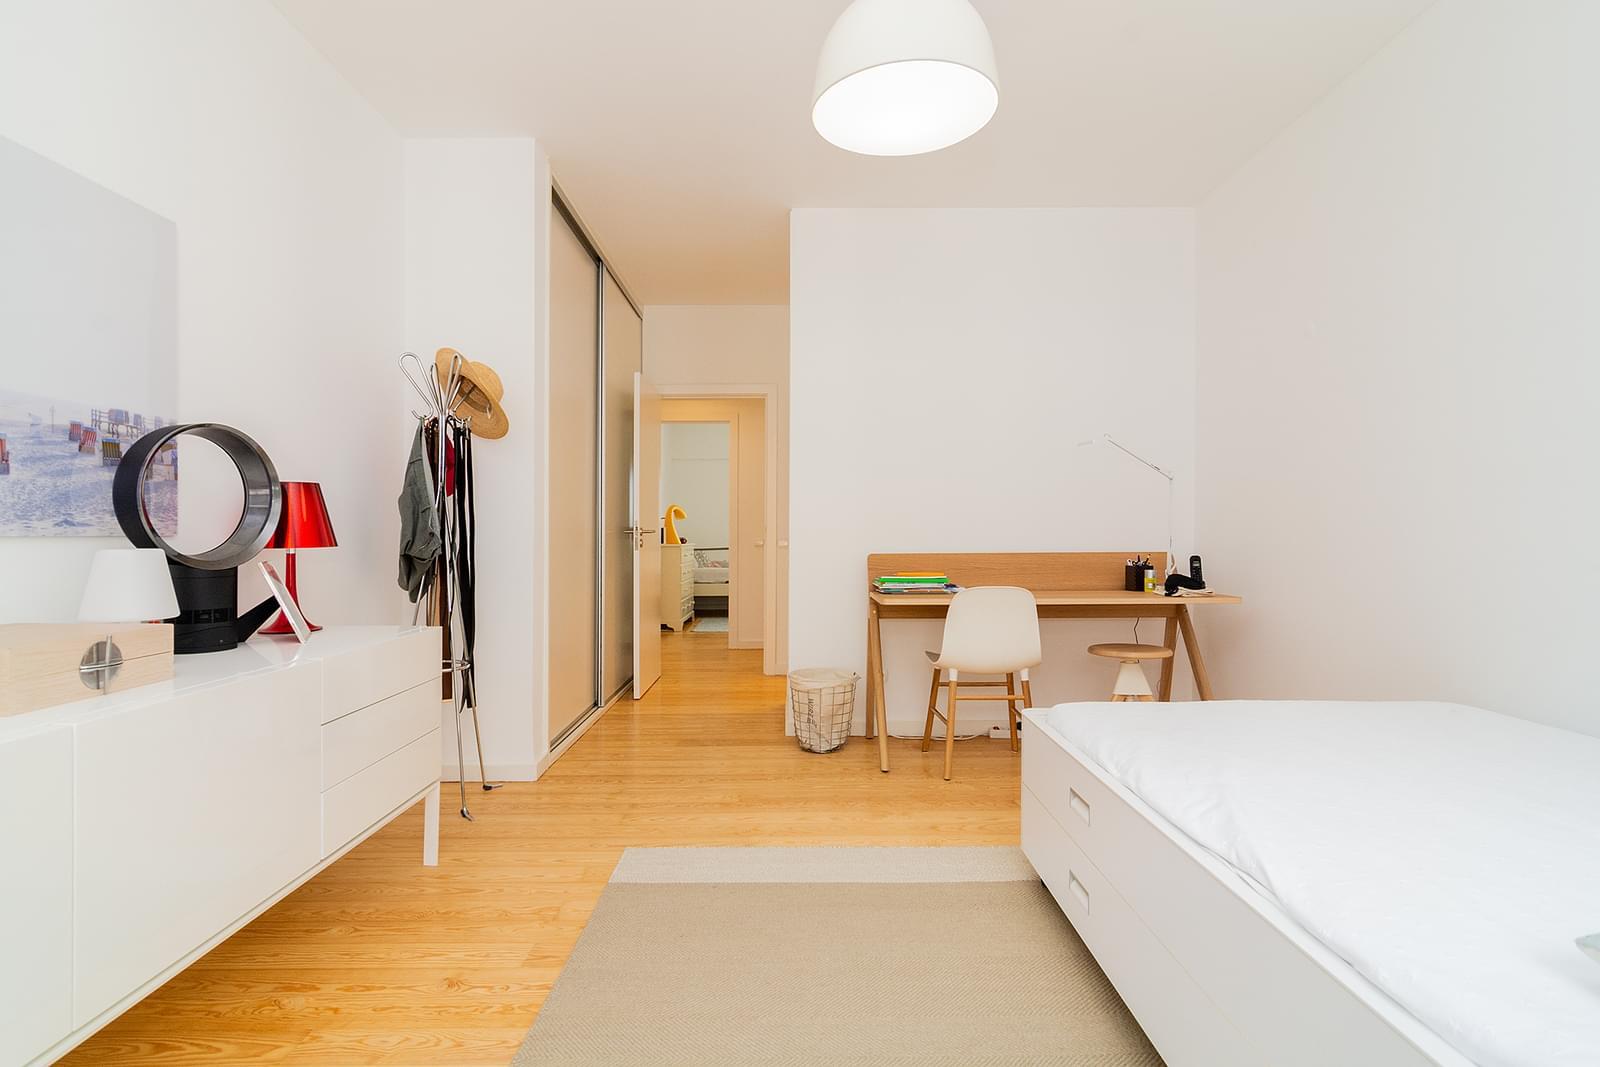 pf14147-apartamento-t3-lisboa-c93776ba-af5c-4742-b931-fc33833a5178